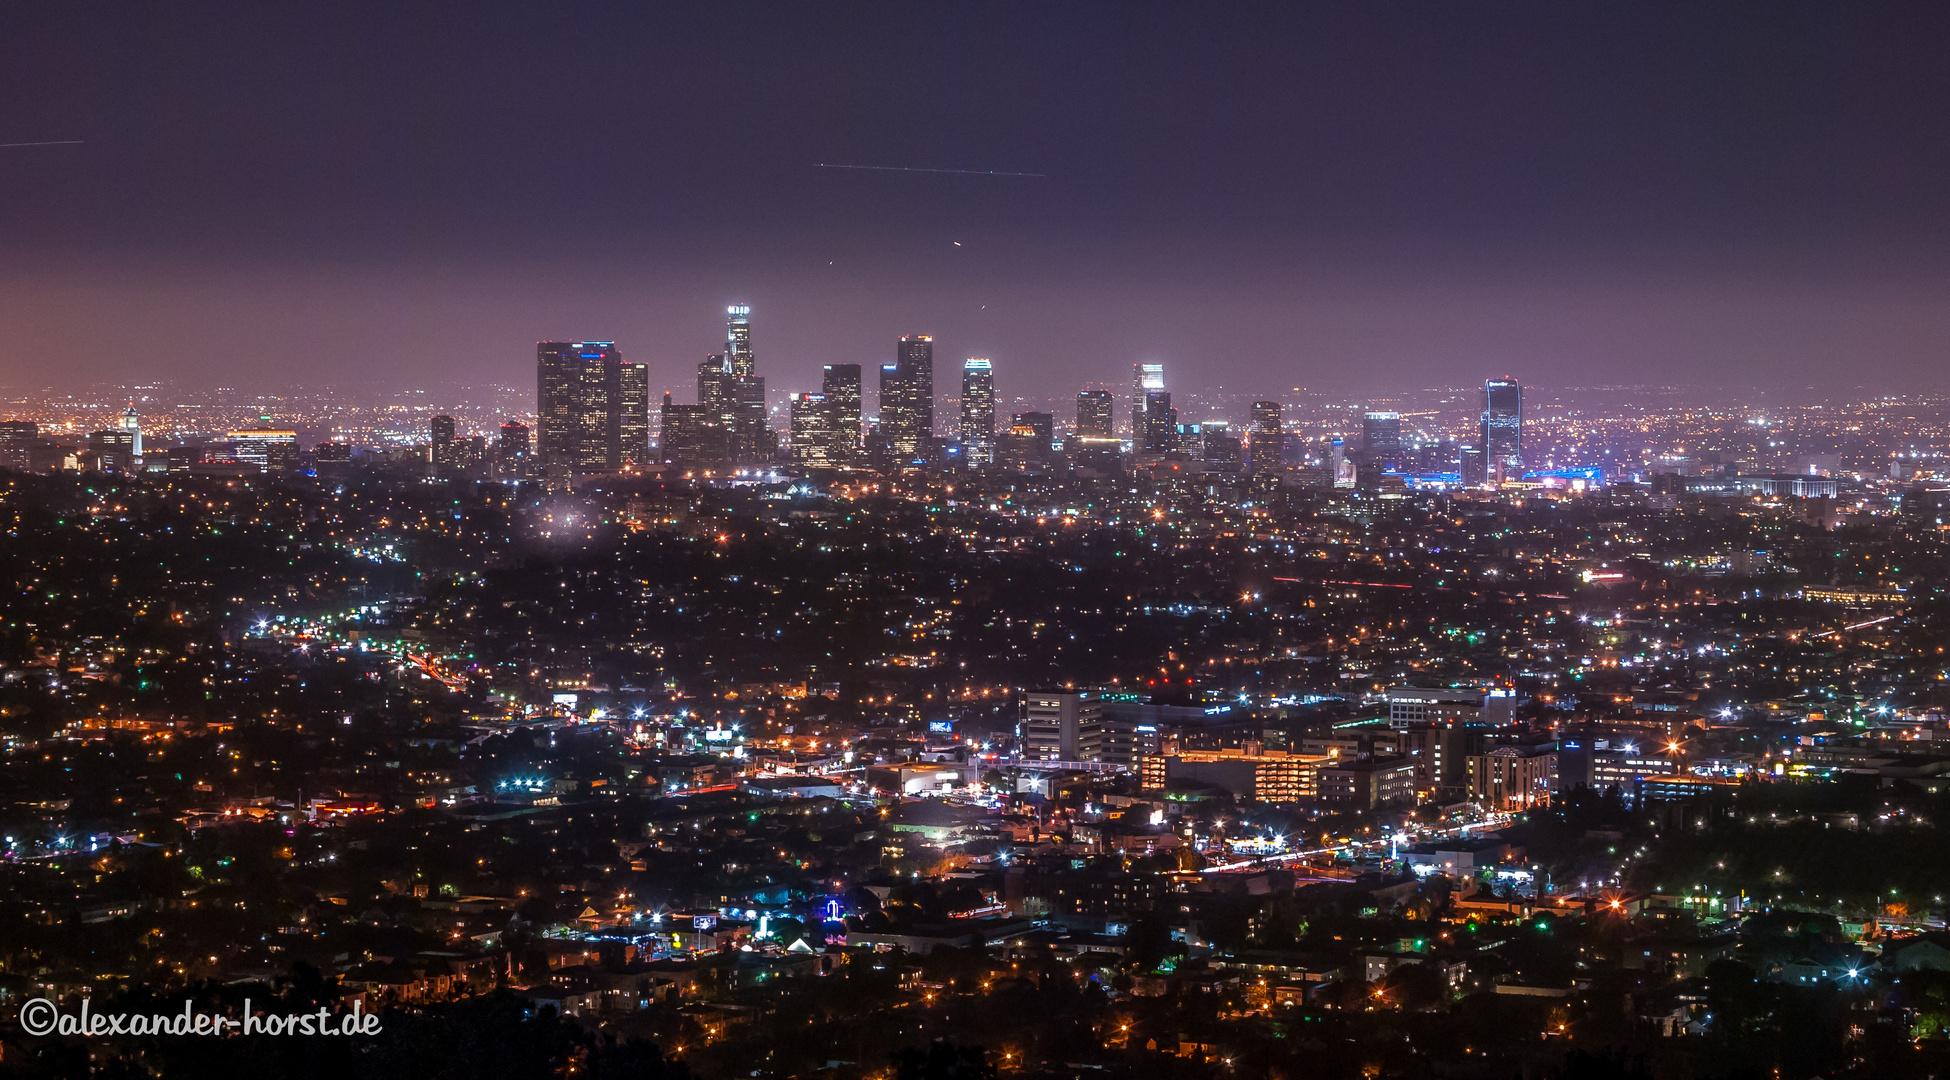 Sleep well L.A.